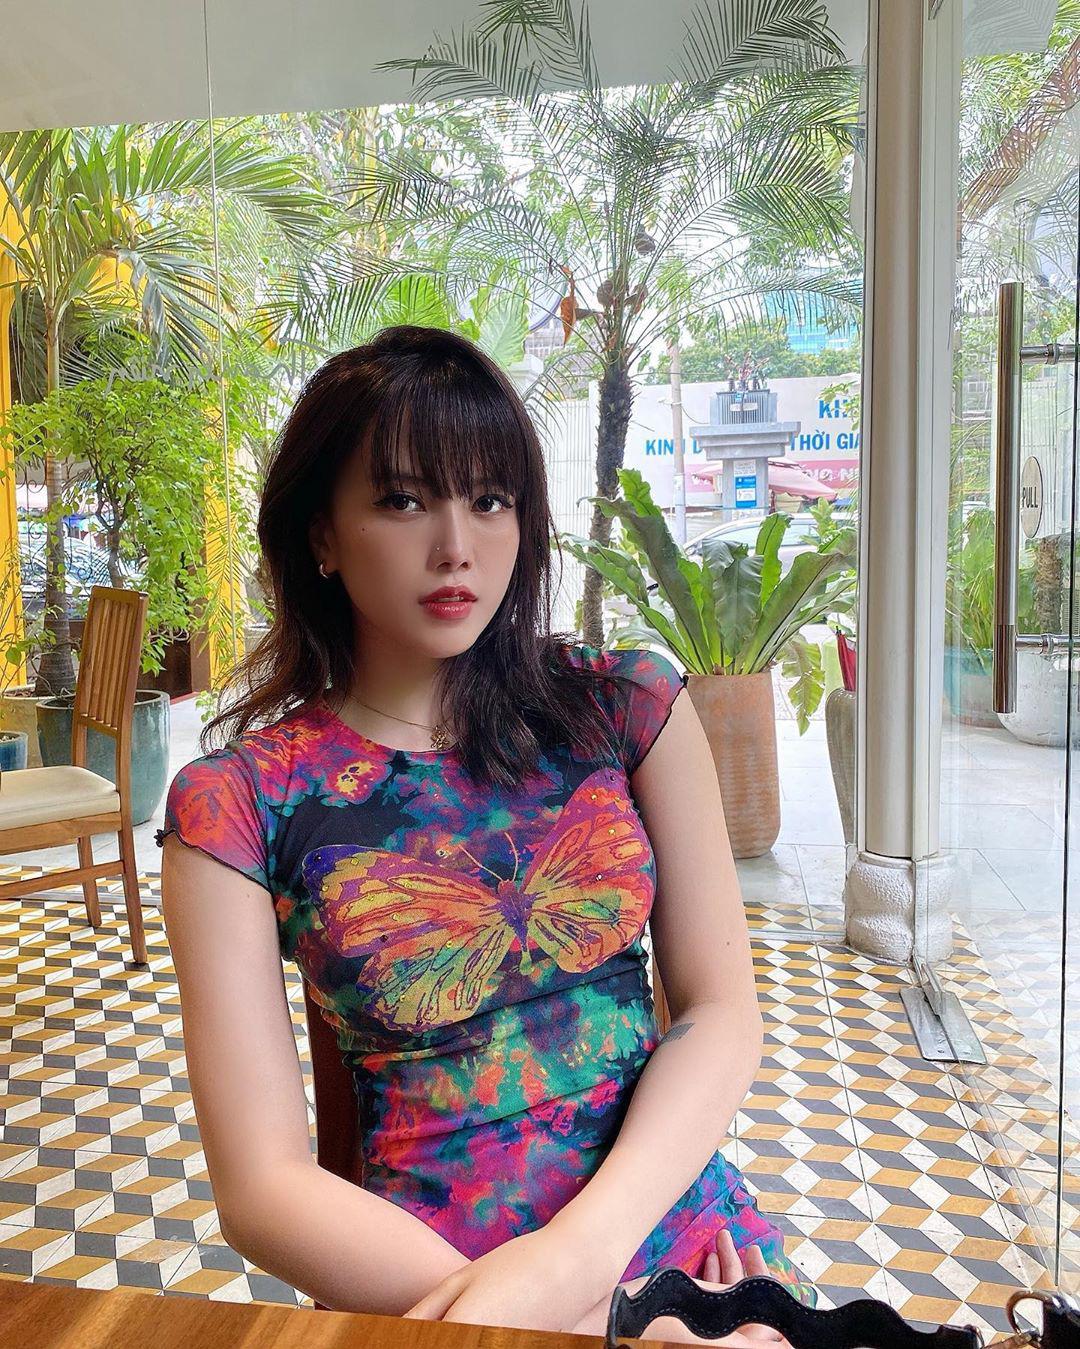 Bắt trend theo Jennie, Chi Pu… hội sành mặc phải sắm ngay các item hình bươm bướm để diện cho xinh và chuẩn mốt - Ảnh 7.